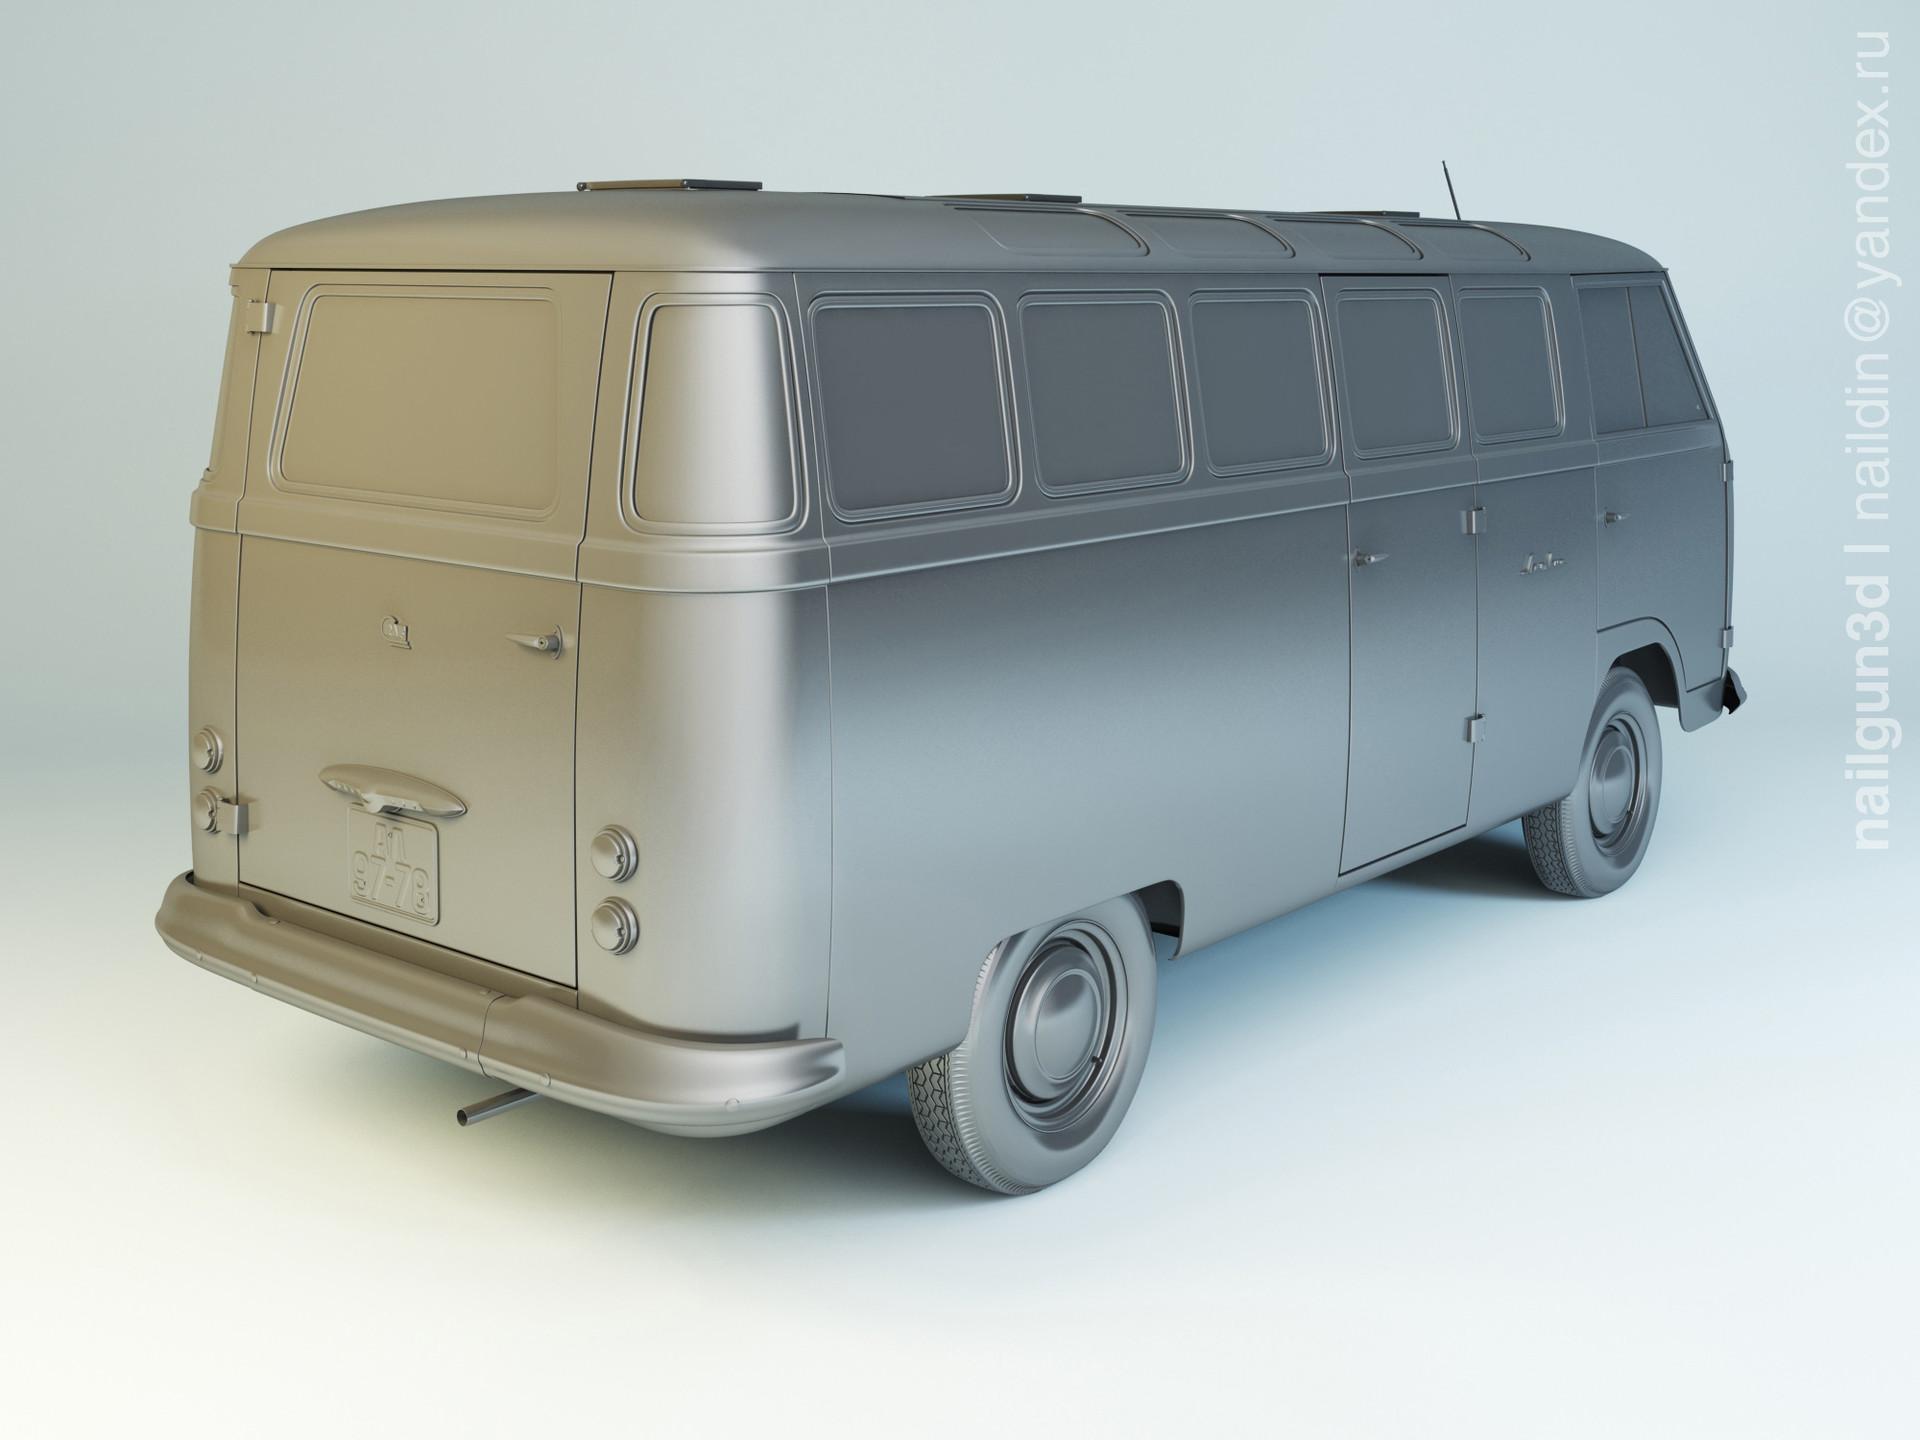 Nail khusnutdinov als 221 002 raf 977v latvija modelling 1